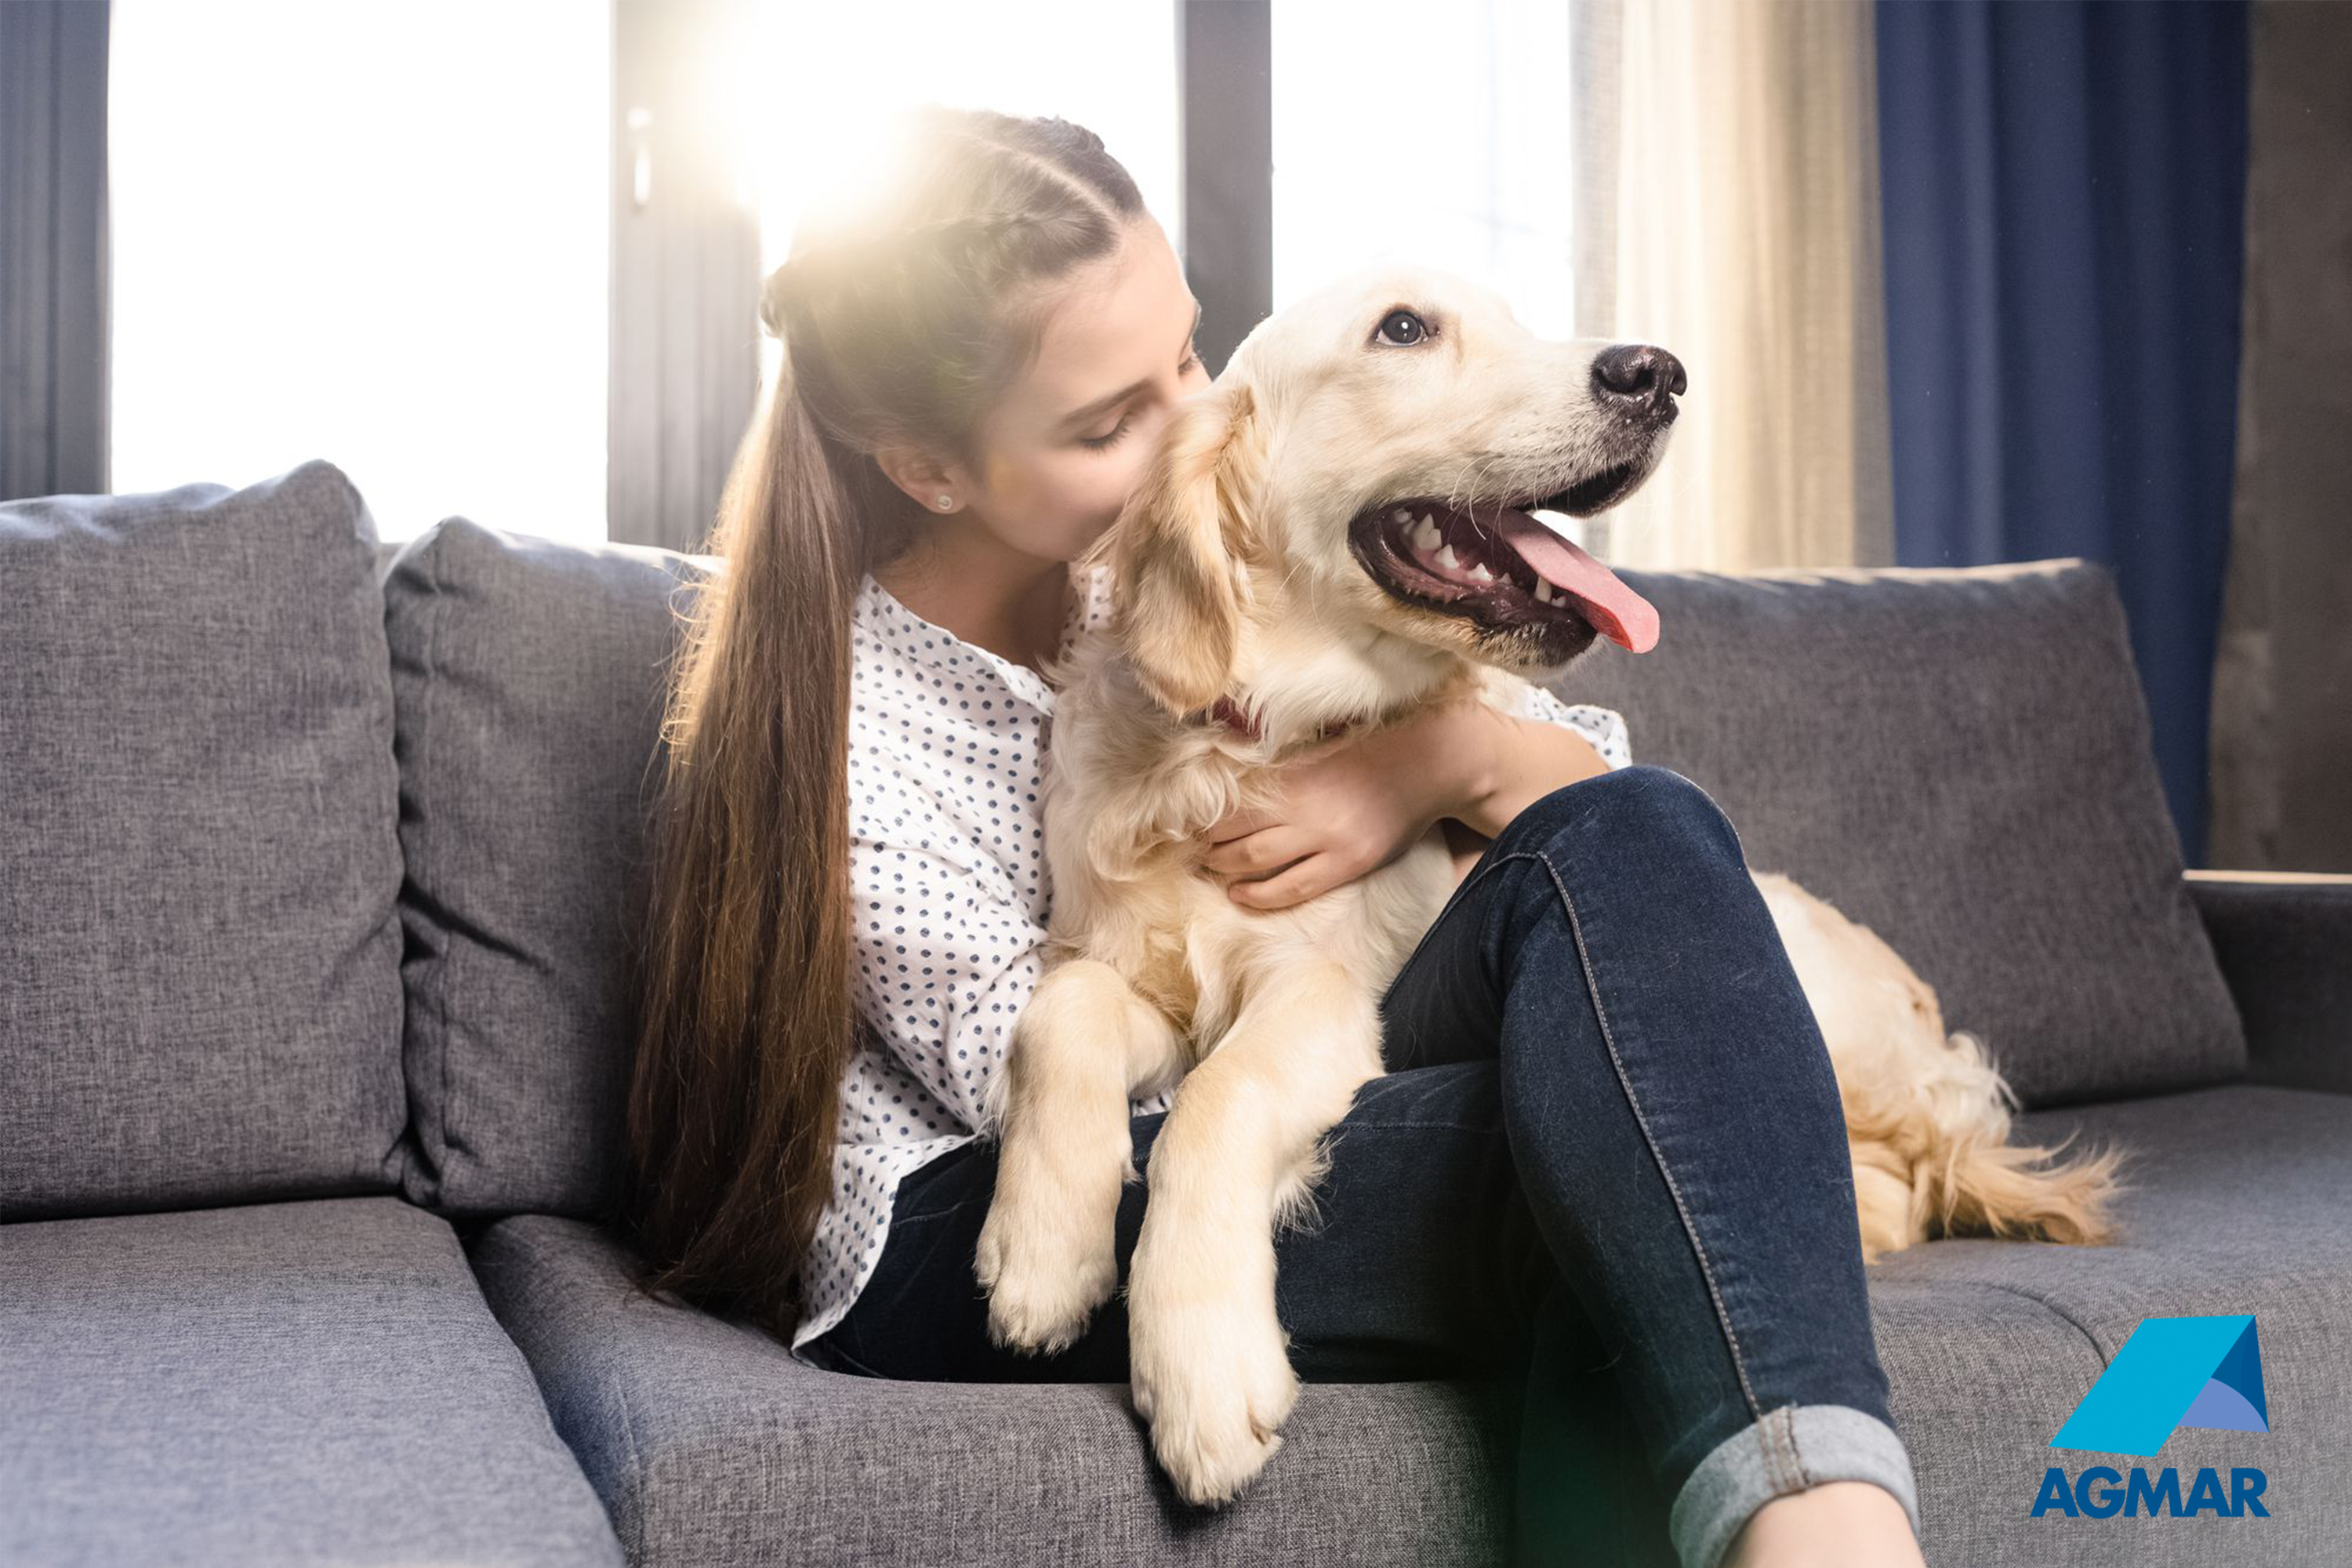 Como criar pets no apartamento?